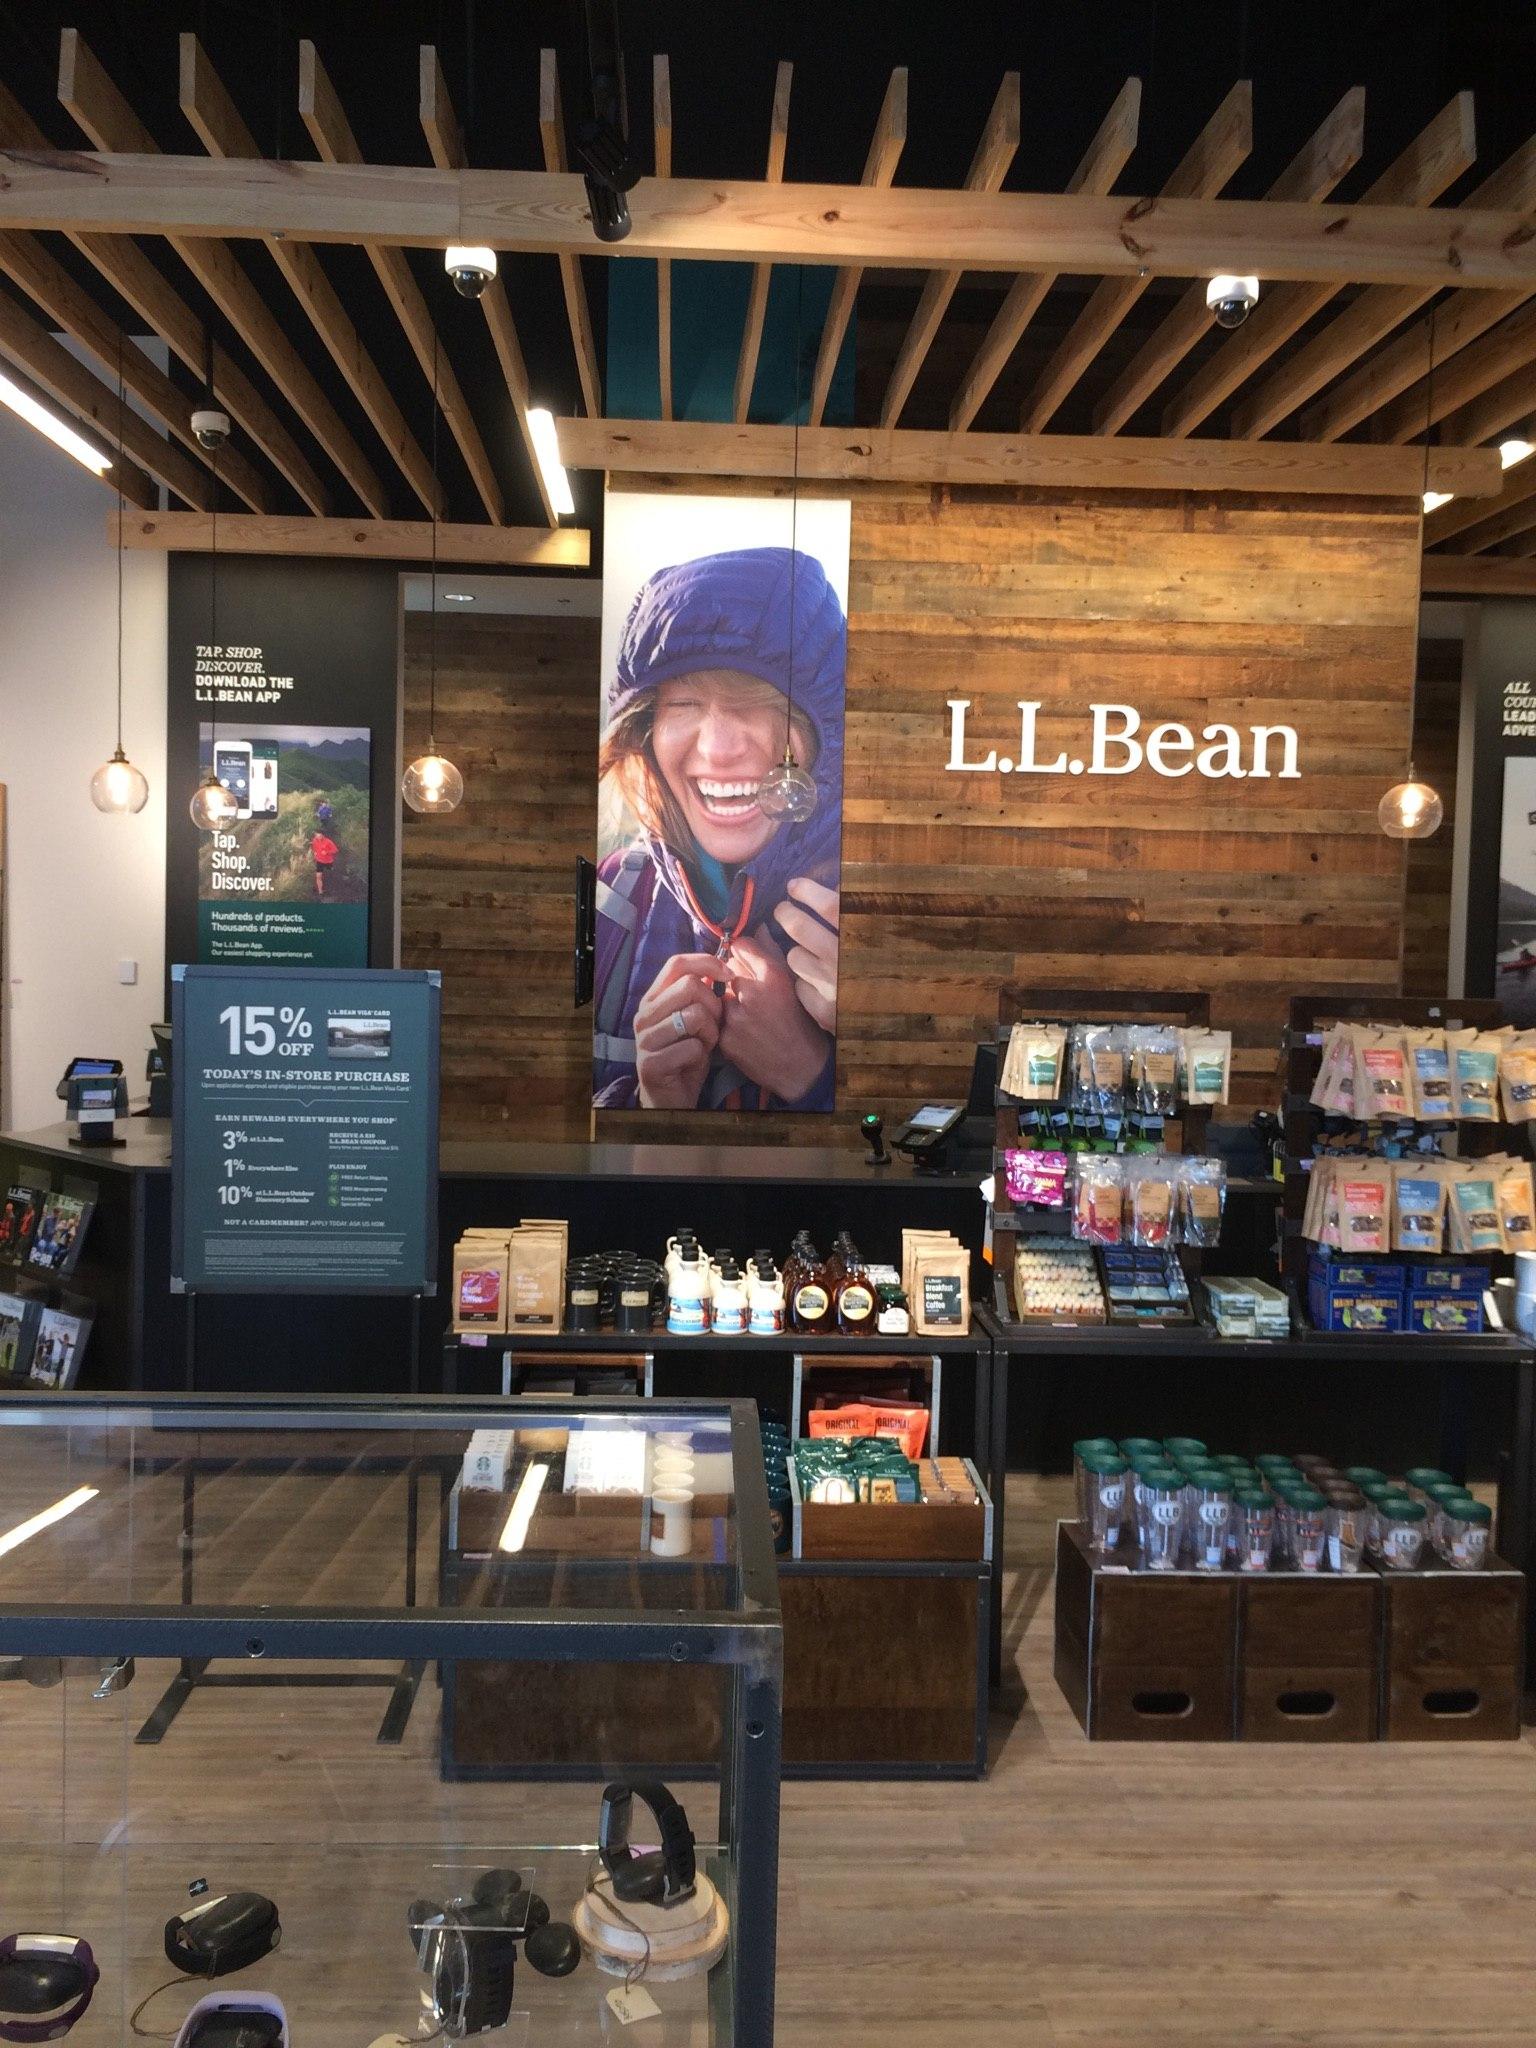 L.L. Bean graphics